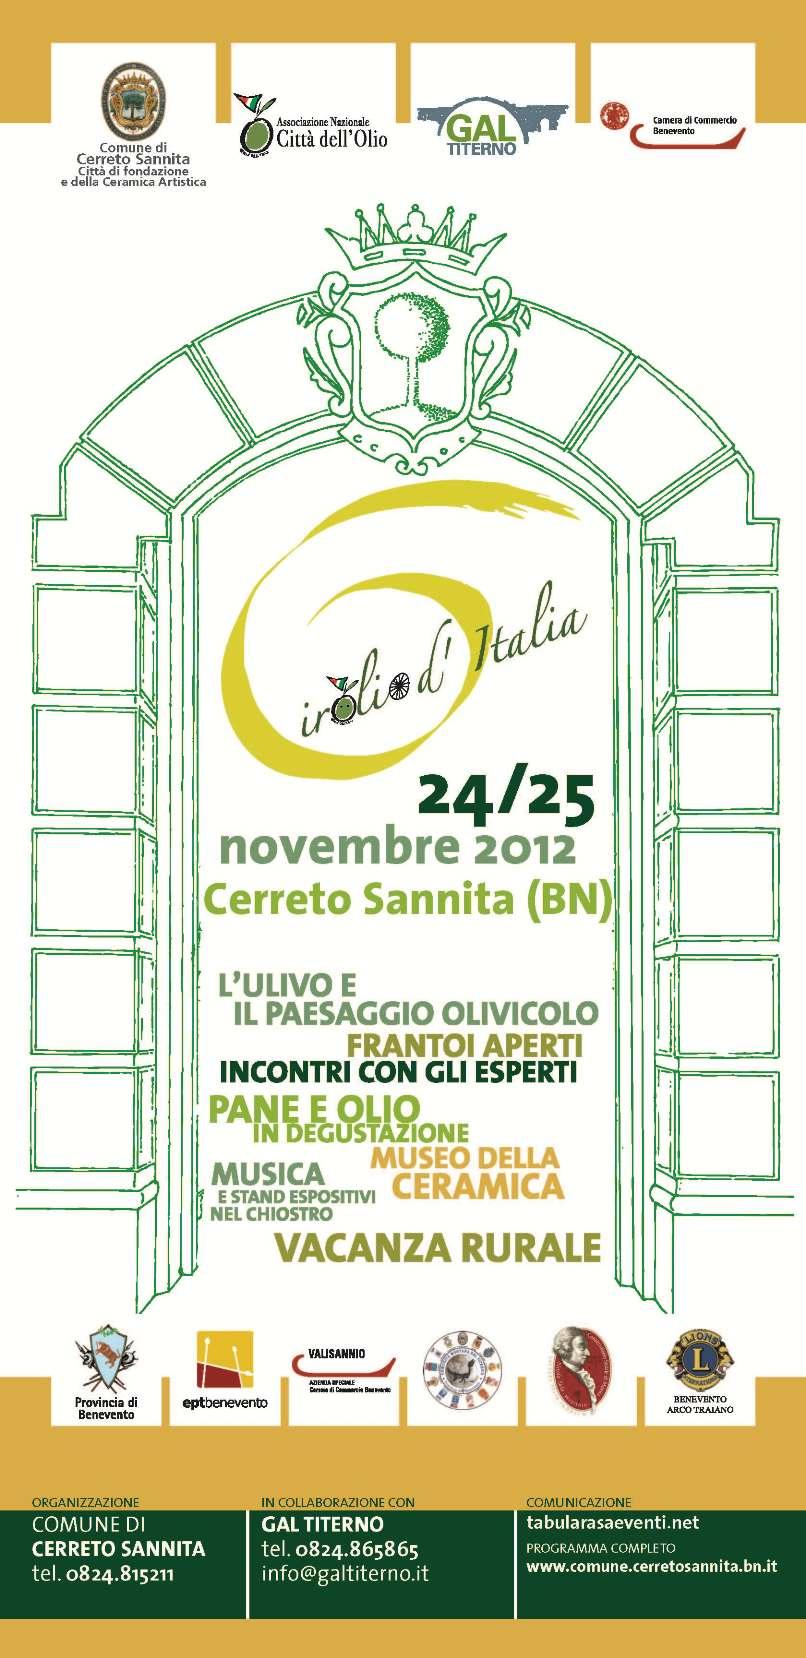 invito-convegno-girolio-2012_page_1